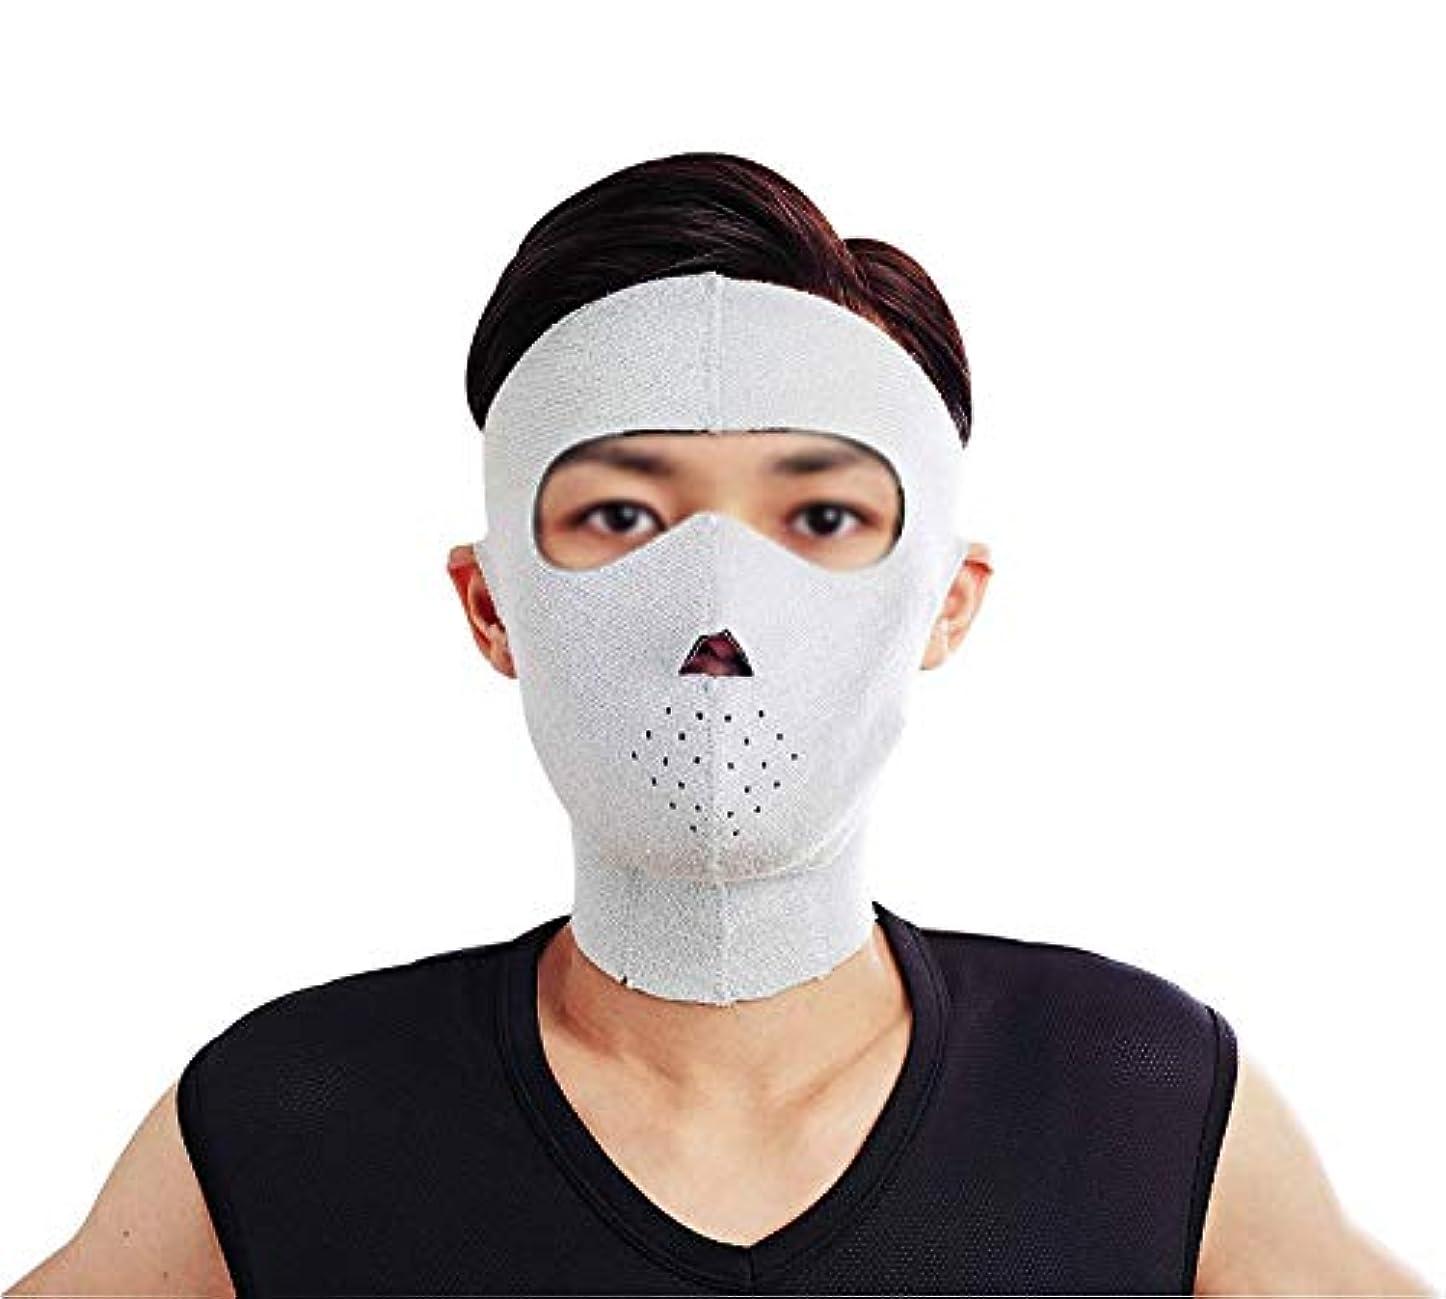 垂直カイウス型GLJJQMY 薄い顔のマスクのマスクと男性のネックバンドとの垂れ下がり防止の薄い顔のマスクの薄い顔のマスクのアーチファクトの美しさを引き締め 顔用整形マスク